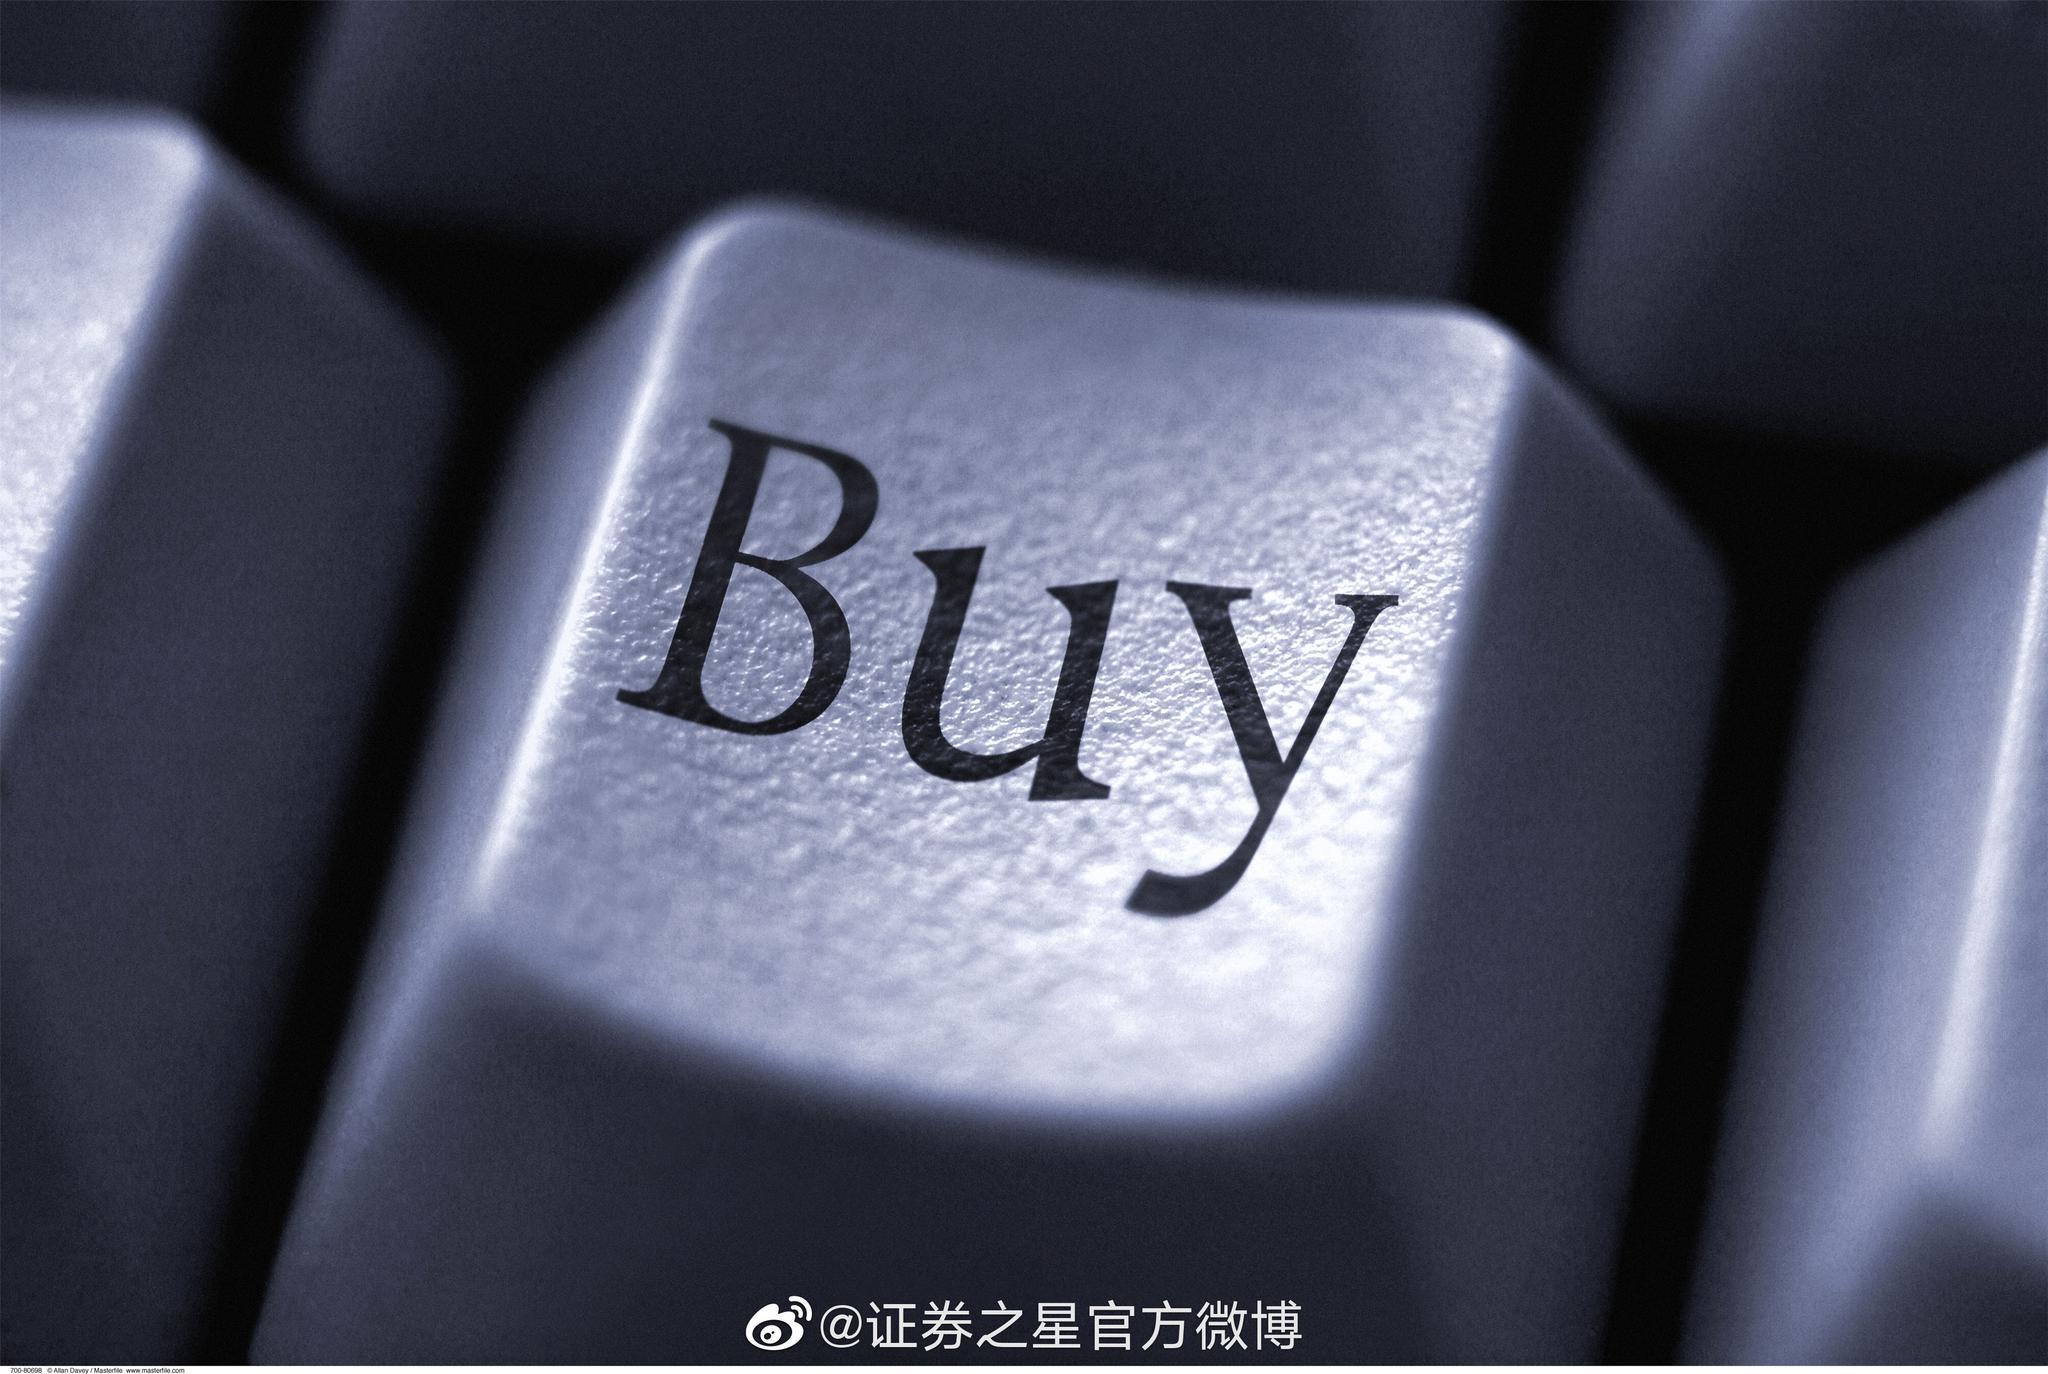 【巴菲特寻找2020中国投资机会 通过伯克希尔哈撒韦第三季度现金储备